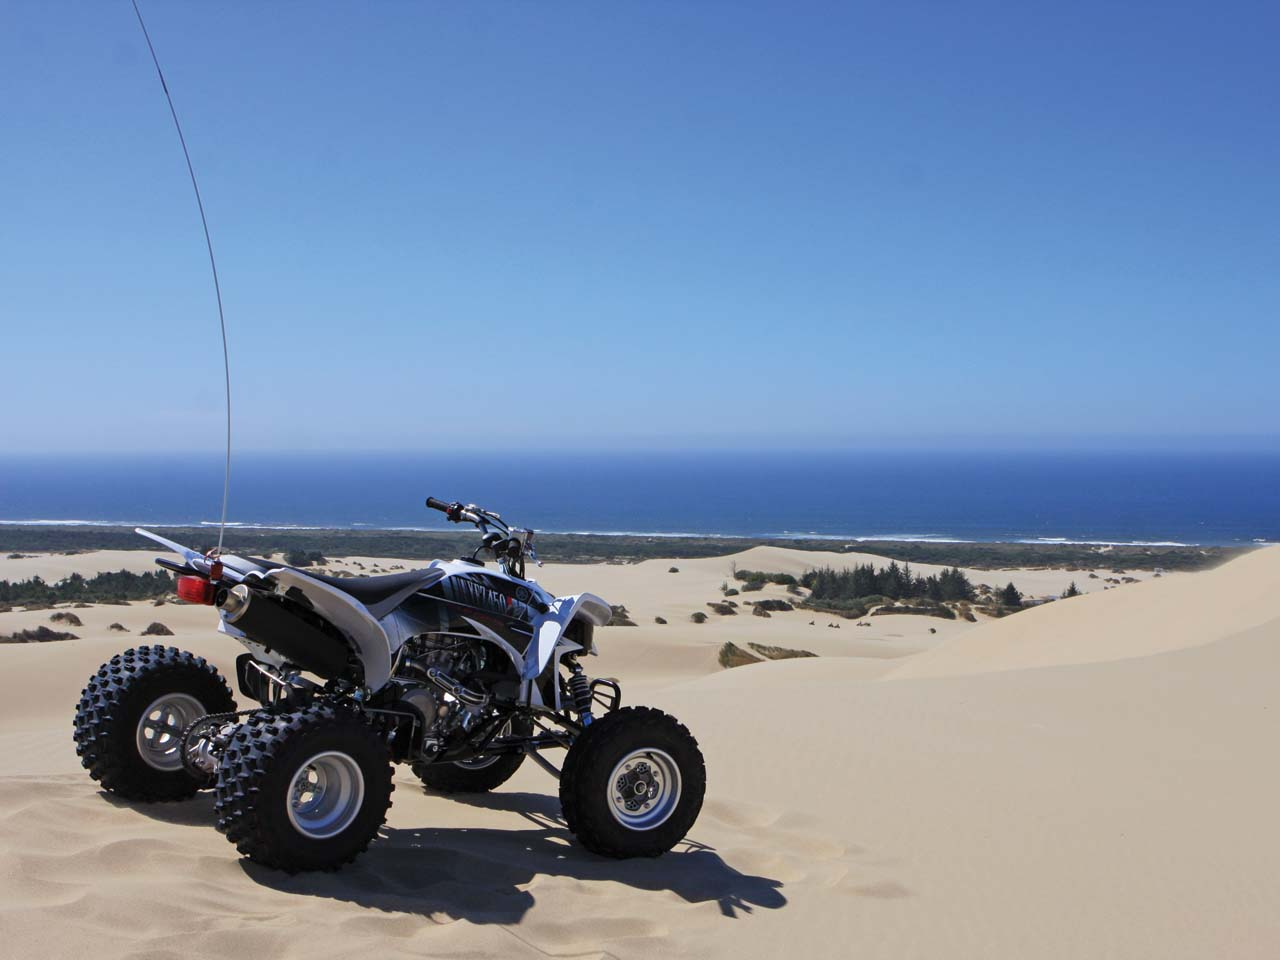 PowersportsMax  Dirt Bike Dirt Bikes ATV ATVs Moped